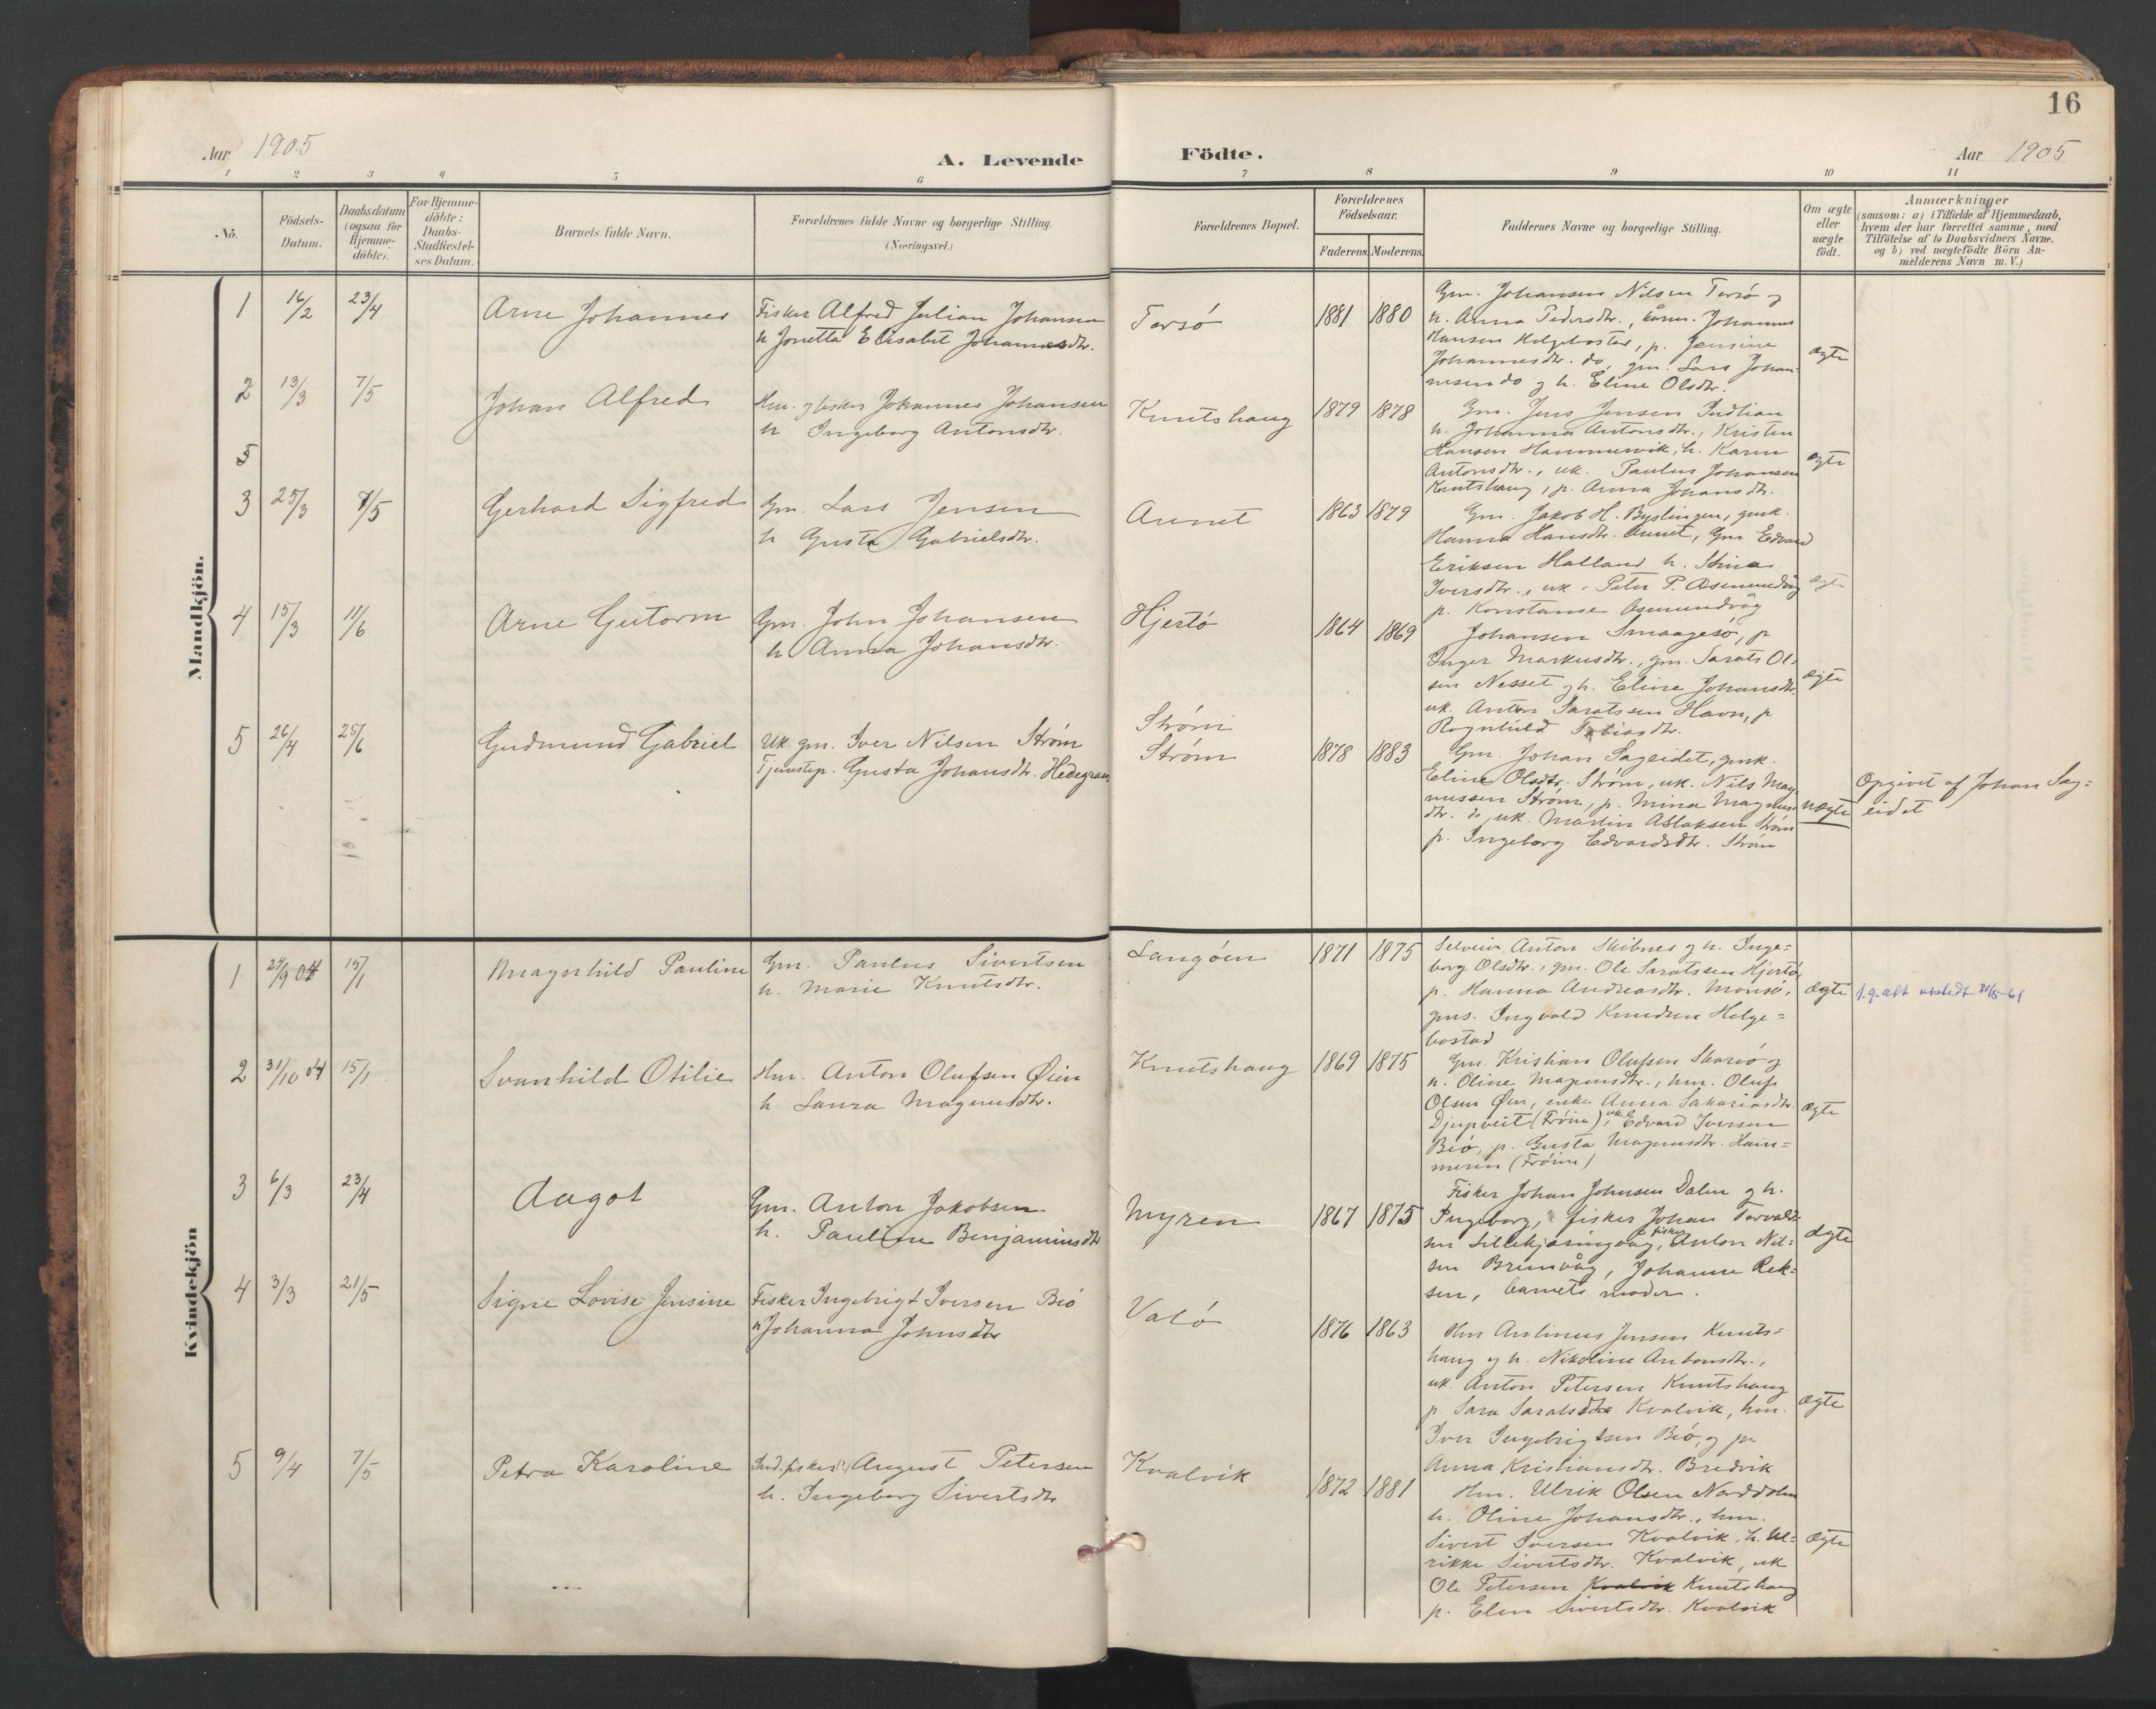 SAT, Ministerialprotokoller, klokkerbøker og fødselsregistre - Sør-Trøndelag, 634/L0537: Ministerialbok nr. 634A13, 1896-1922, s. 16